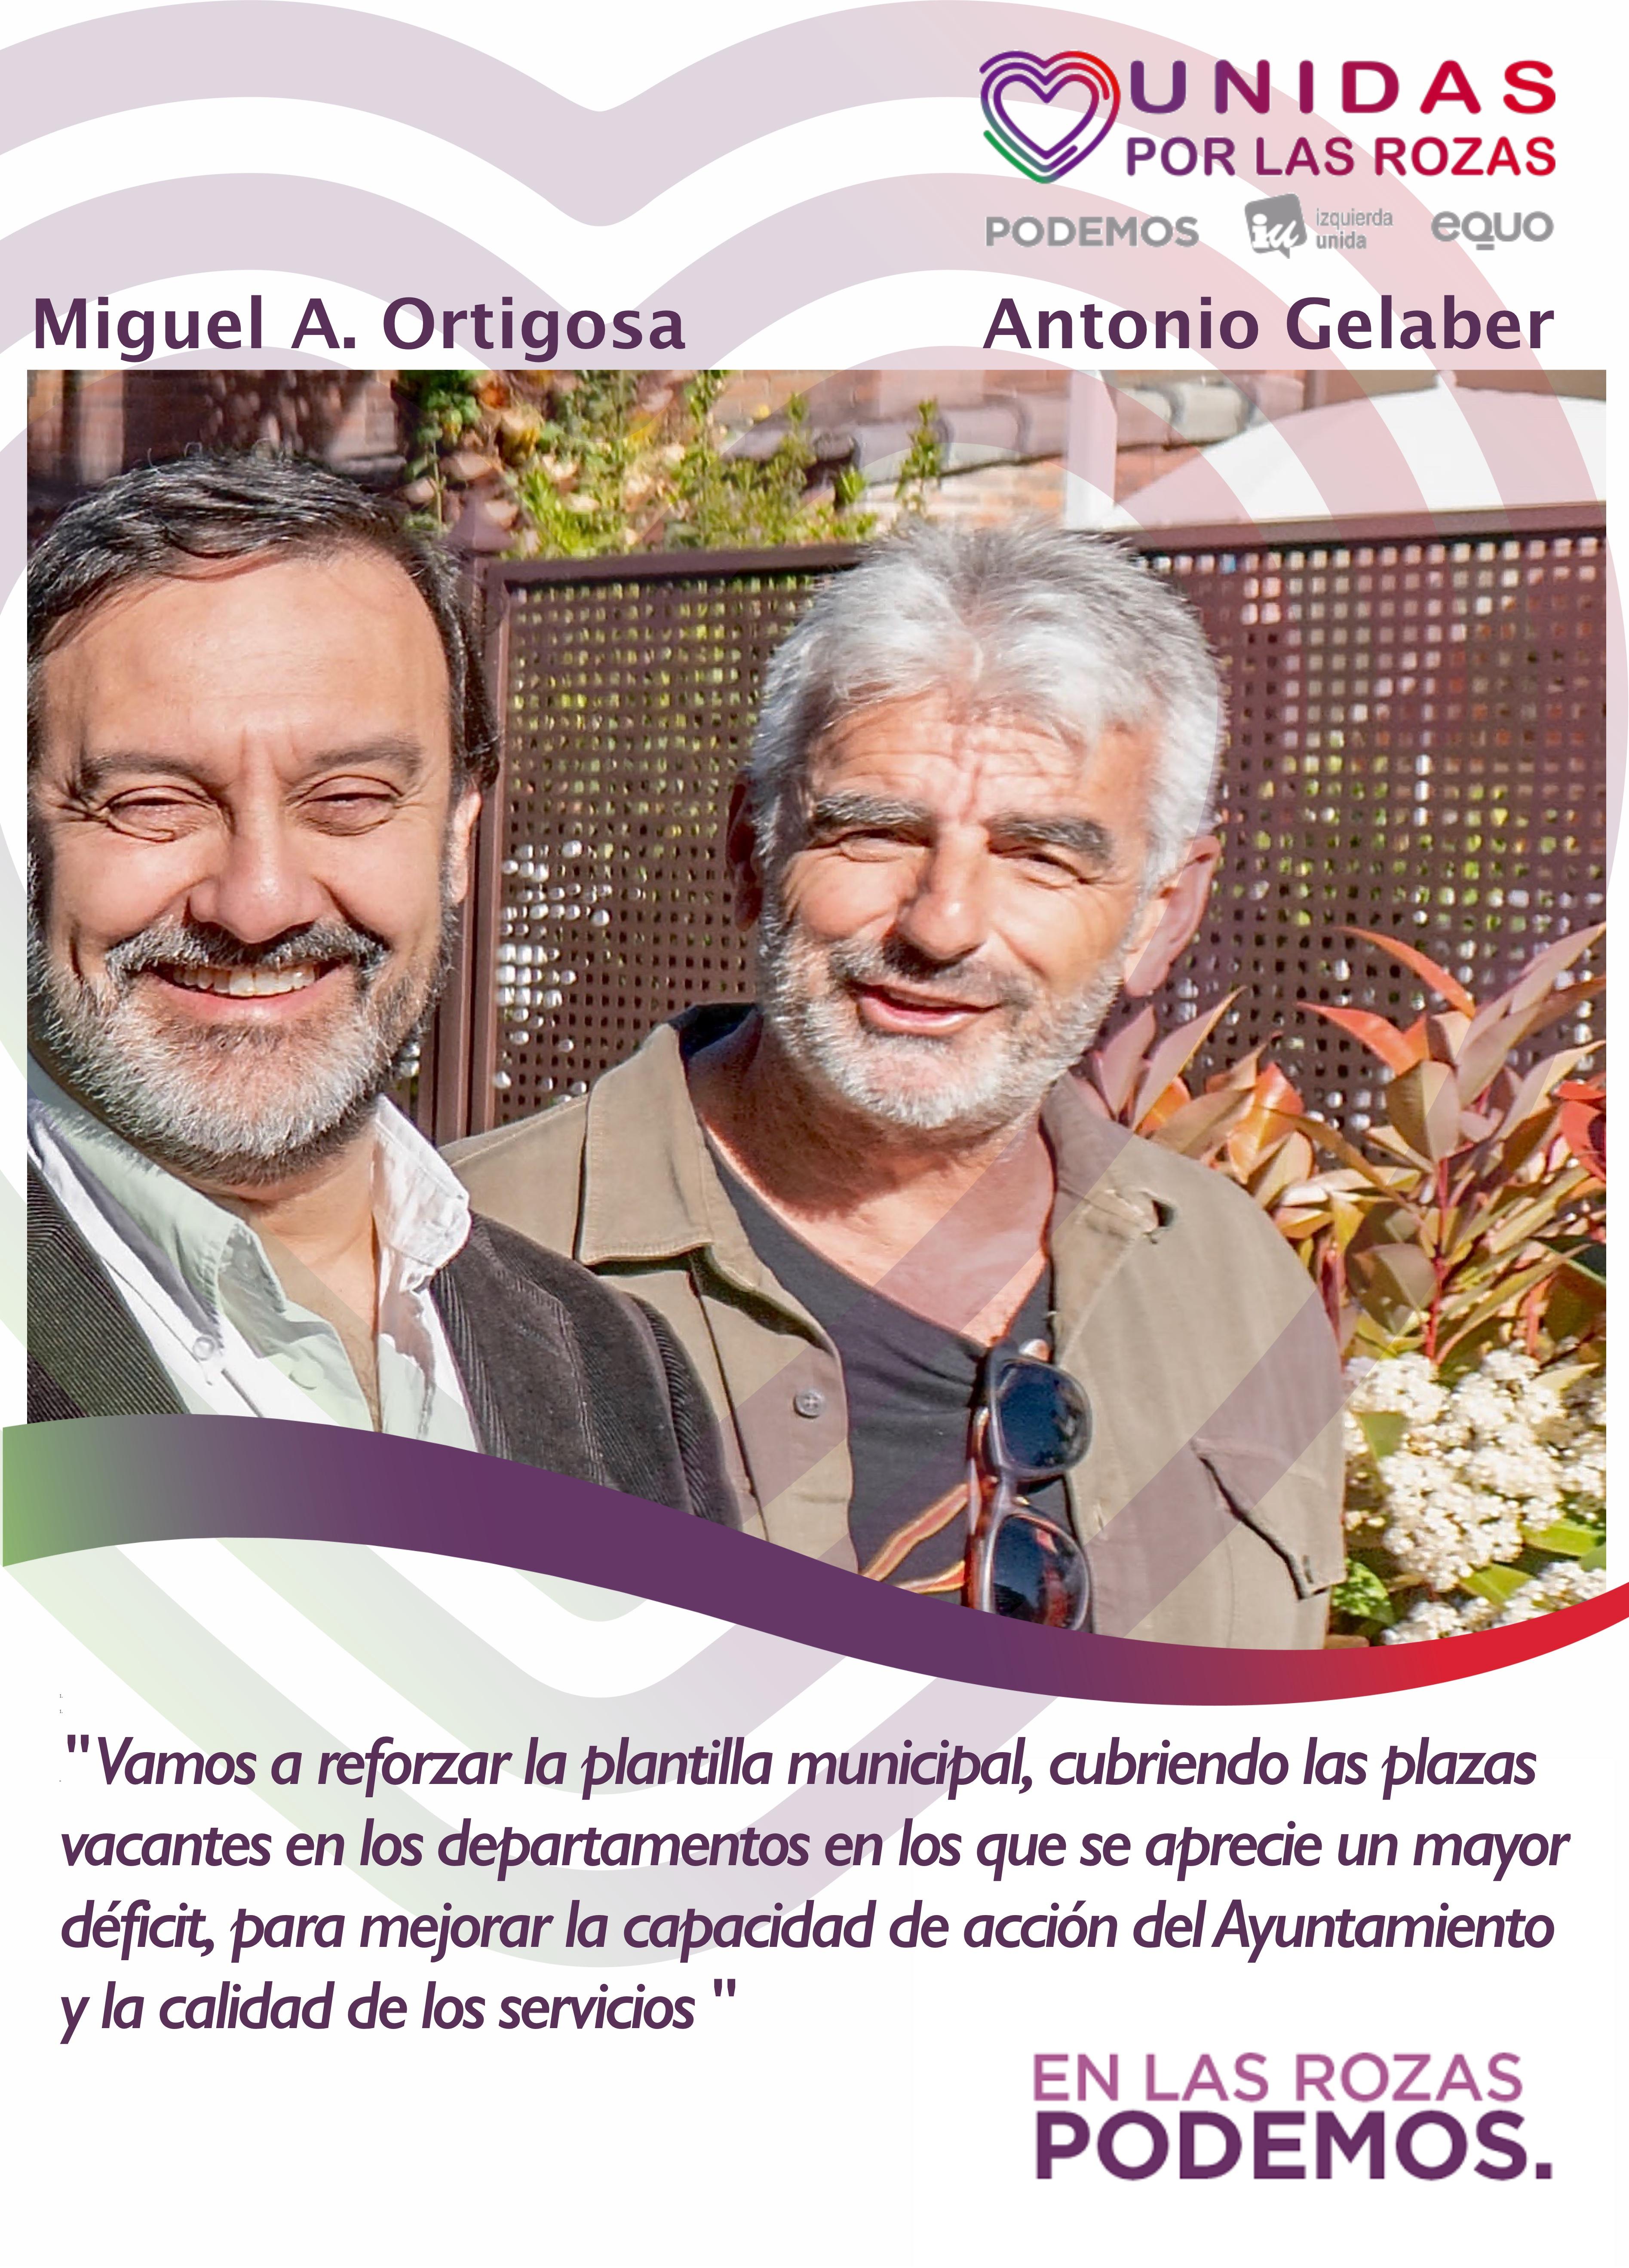 Antonio_Gelaber_Miguel_Angel_O_unidas_por_las_rozas_podemos